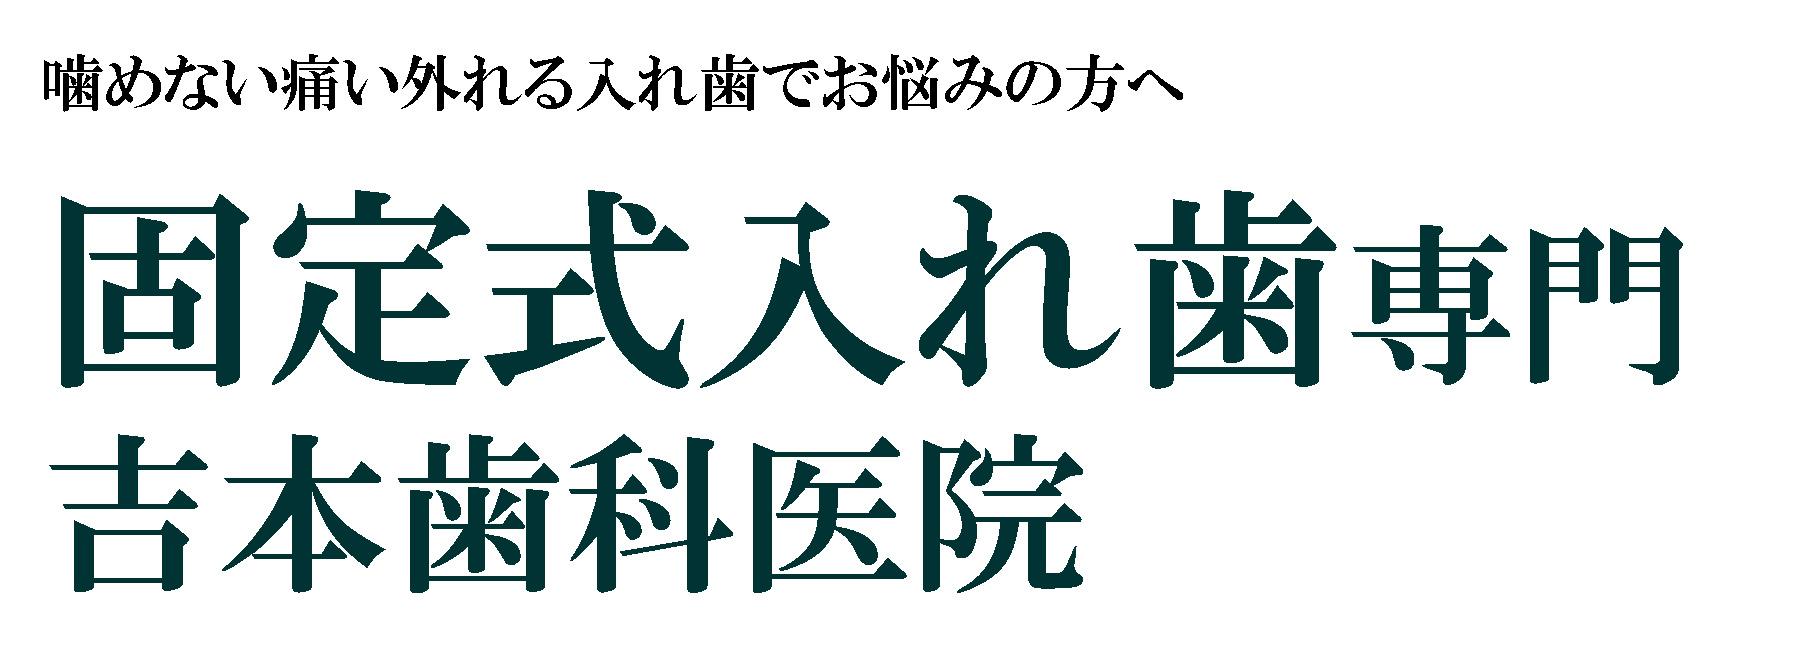 高知県で入れででお悩み方へ|固定式総入れ歯専門の吉本歯科医院(香川県)|志国高知県から来院